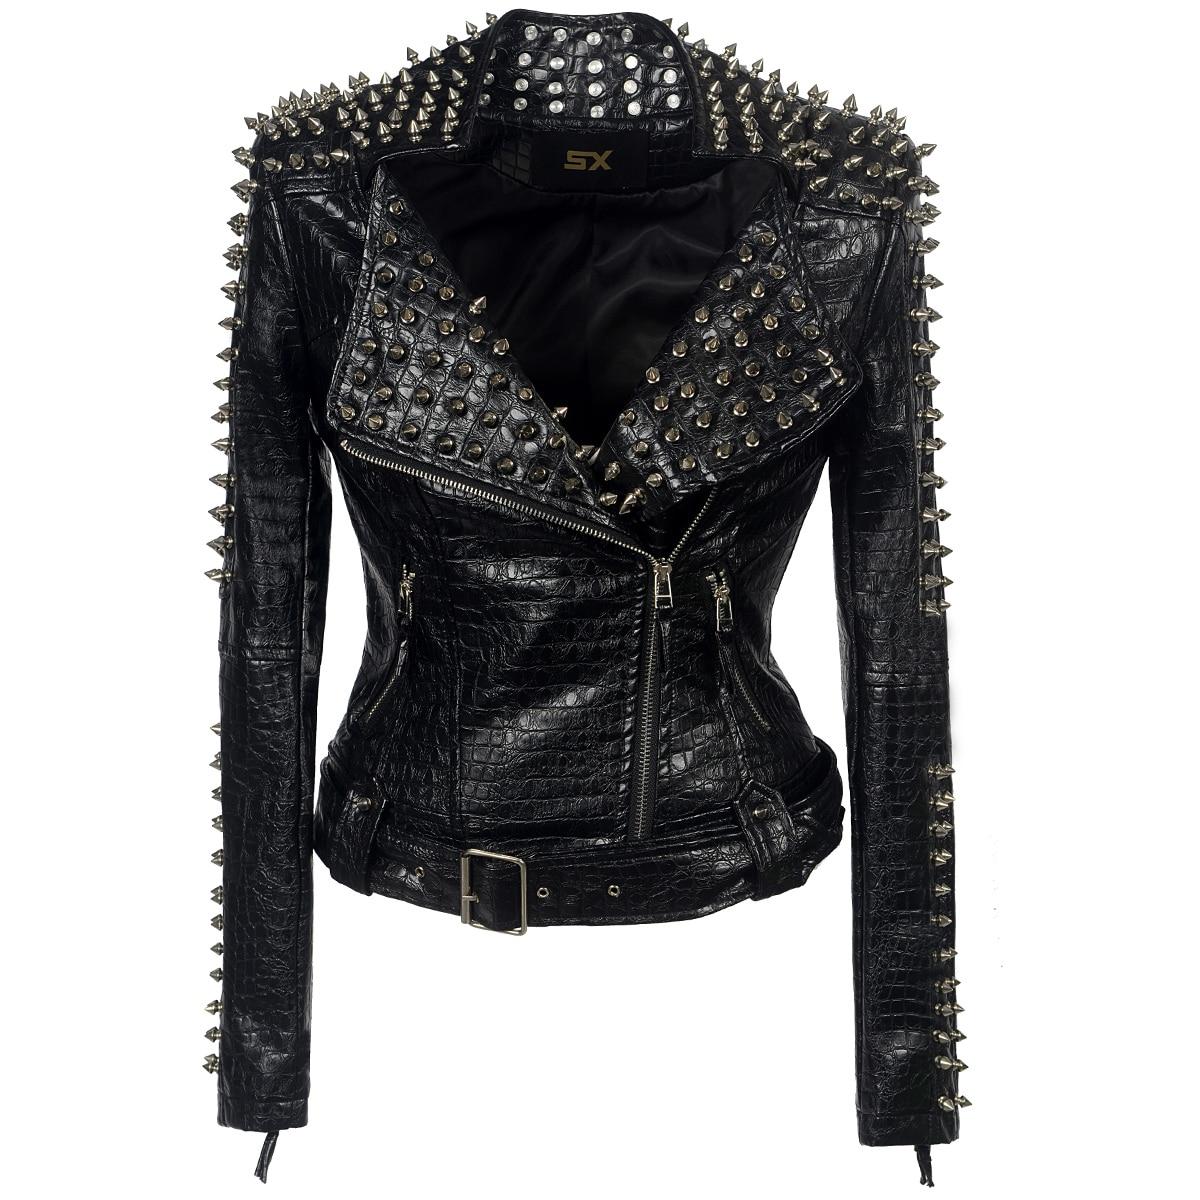 Chaqueta de piel sintética de PU con remaches Punk para mujer, chaqueta de invierno y otoño para motocicleta, abrigo negro, ropa de calle de alta calidad